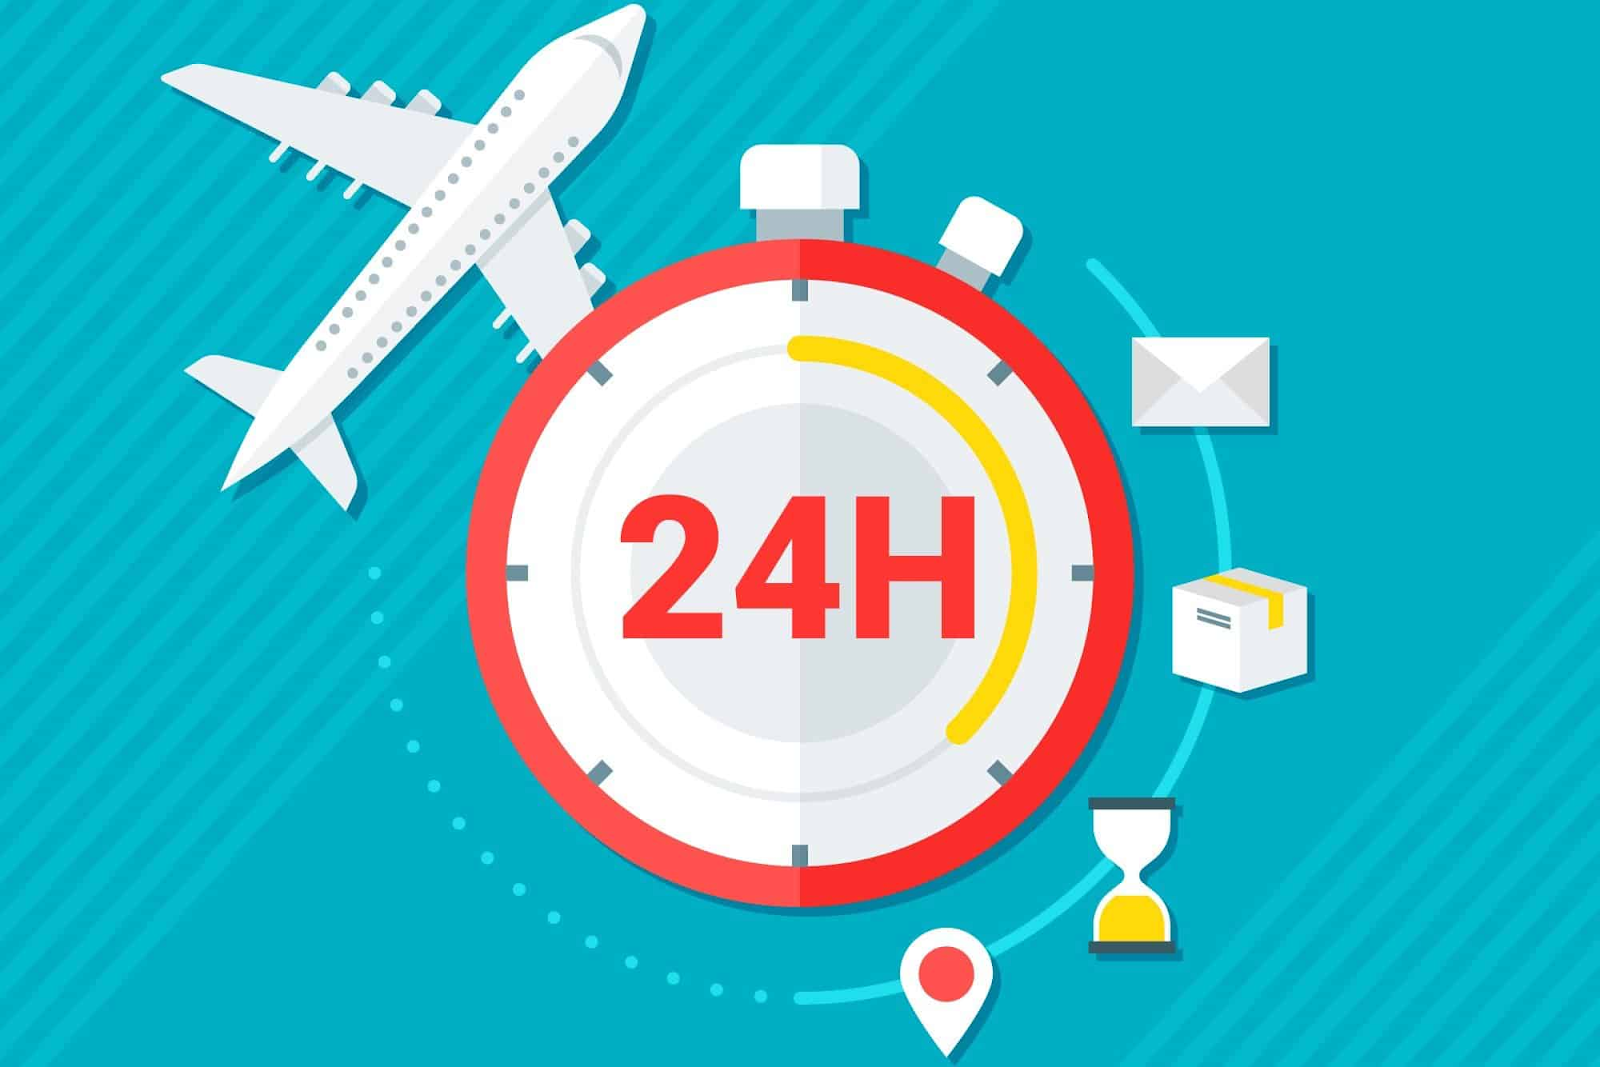 5 Lưu ý cho các shop lựa chọn dịch vụ chuyển phát nhanh trong ngày